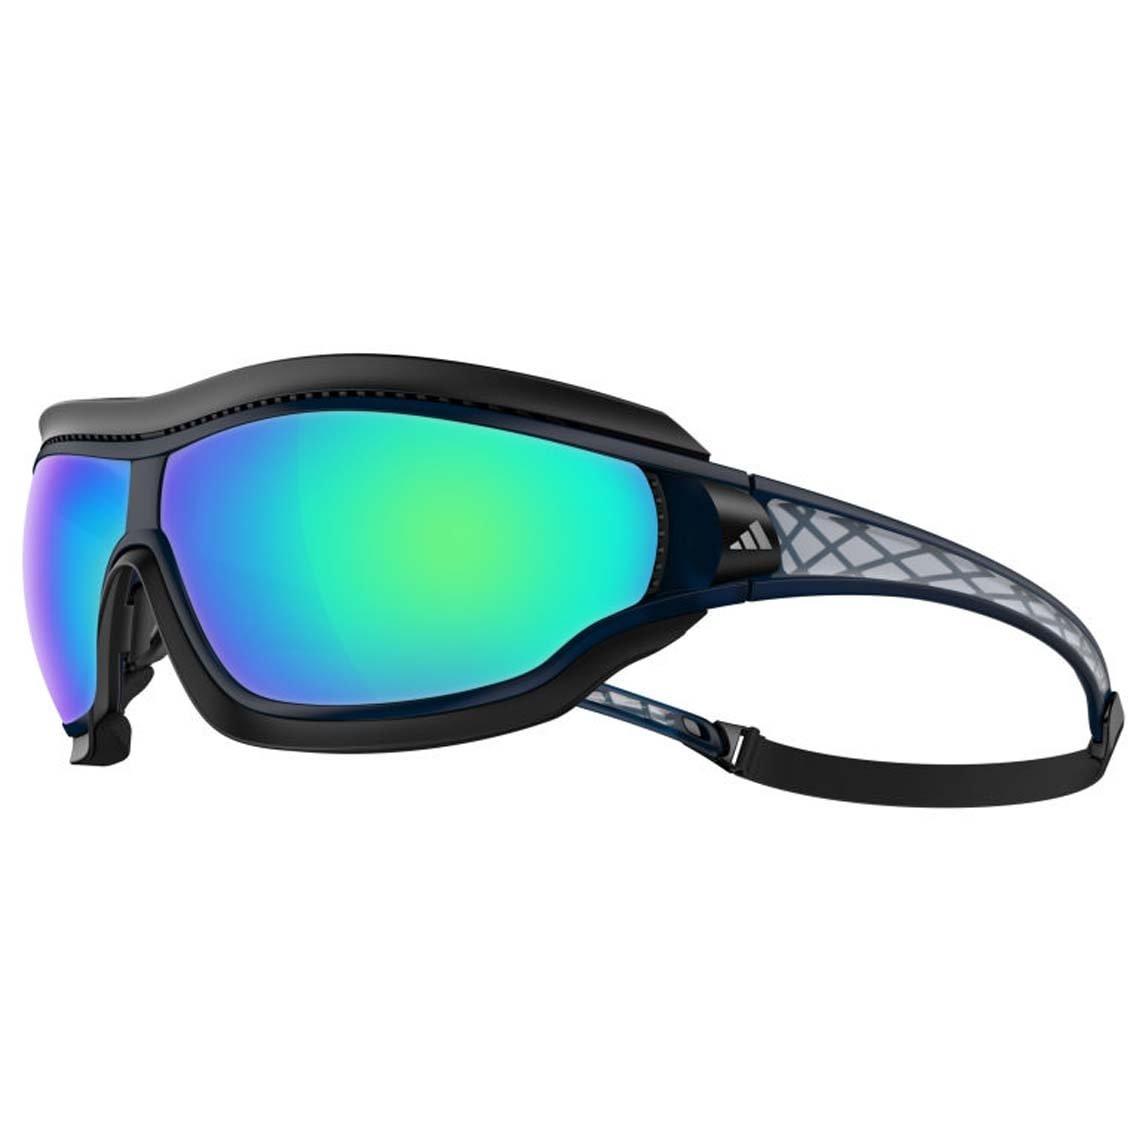 Adidas Tycane Blue Mirror A196/00 6121 00/00